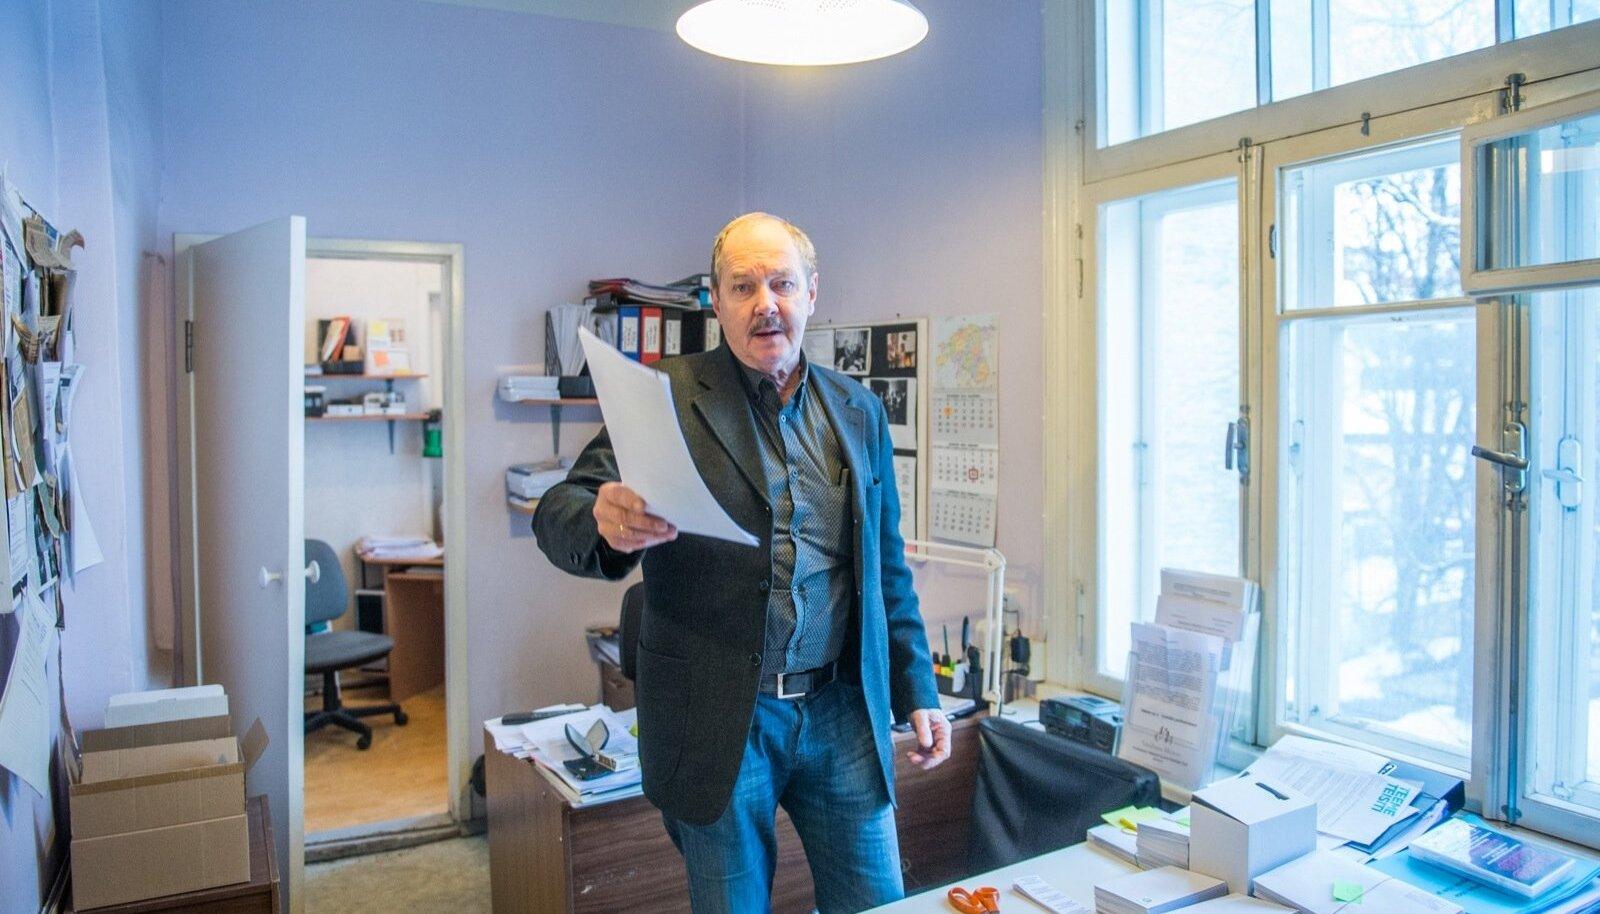 Üürnike liidu juhatuse liige Peeter Tedre selgitas Eesti Päevalehele 2015. aastal, et tegu polevat poliitilise MTÜ-ga, vaid kõigi Eesti sundüürnike asja ajava aatelise ettevõtmisega.